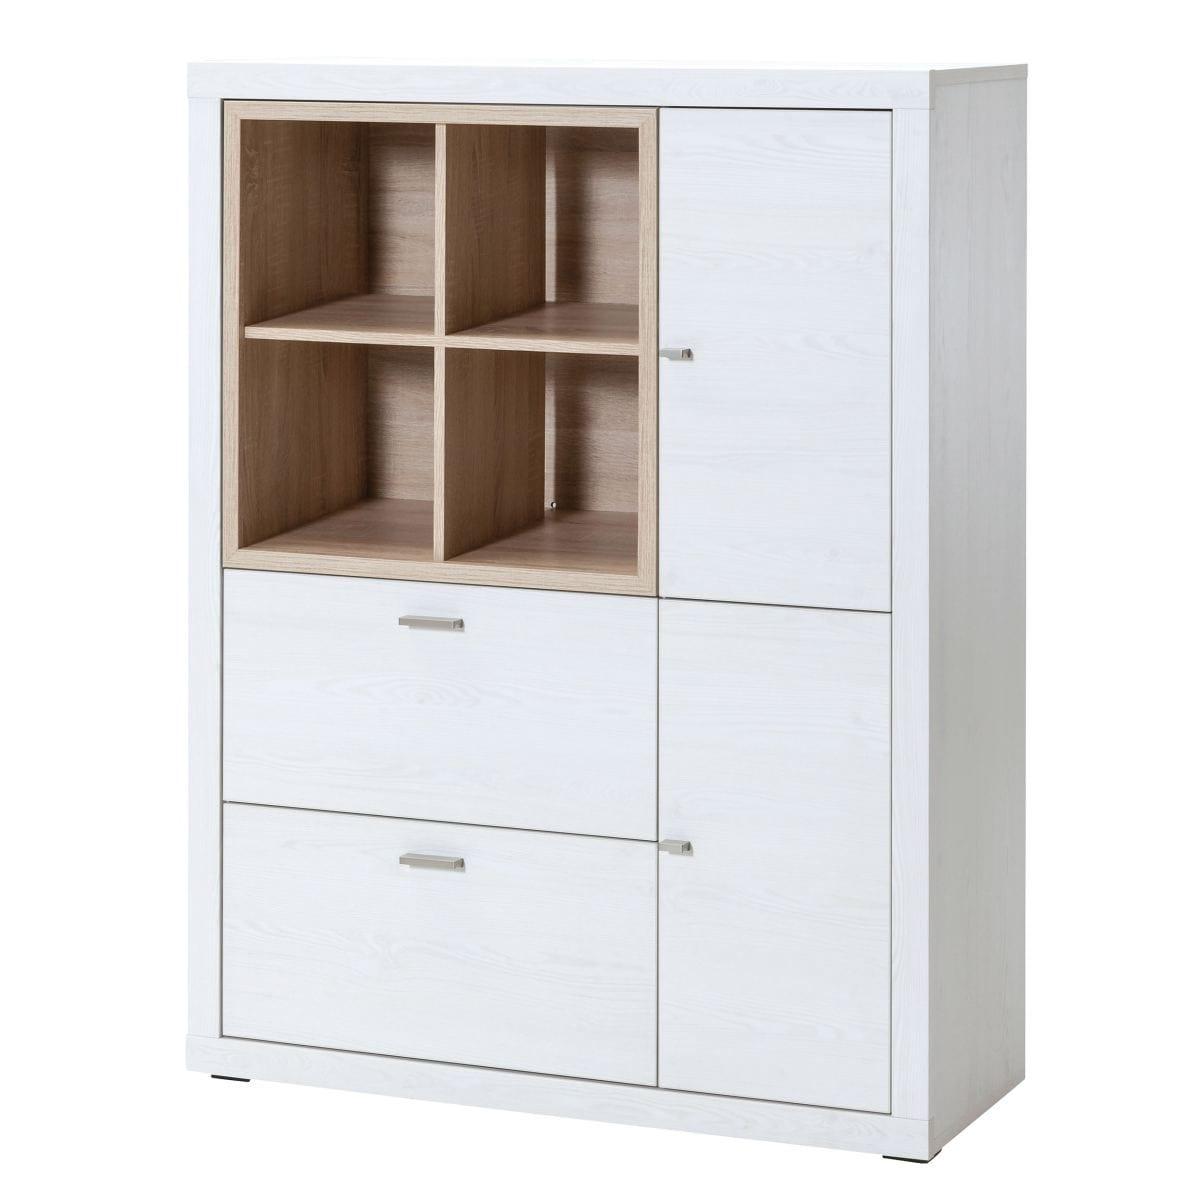 stauraumelement tio you im attraktiven zwei farben look. Black Bedroom Furniture Sets. Home Design Ideas